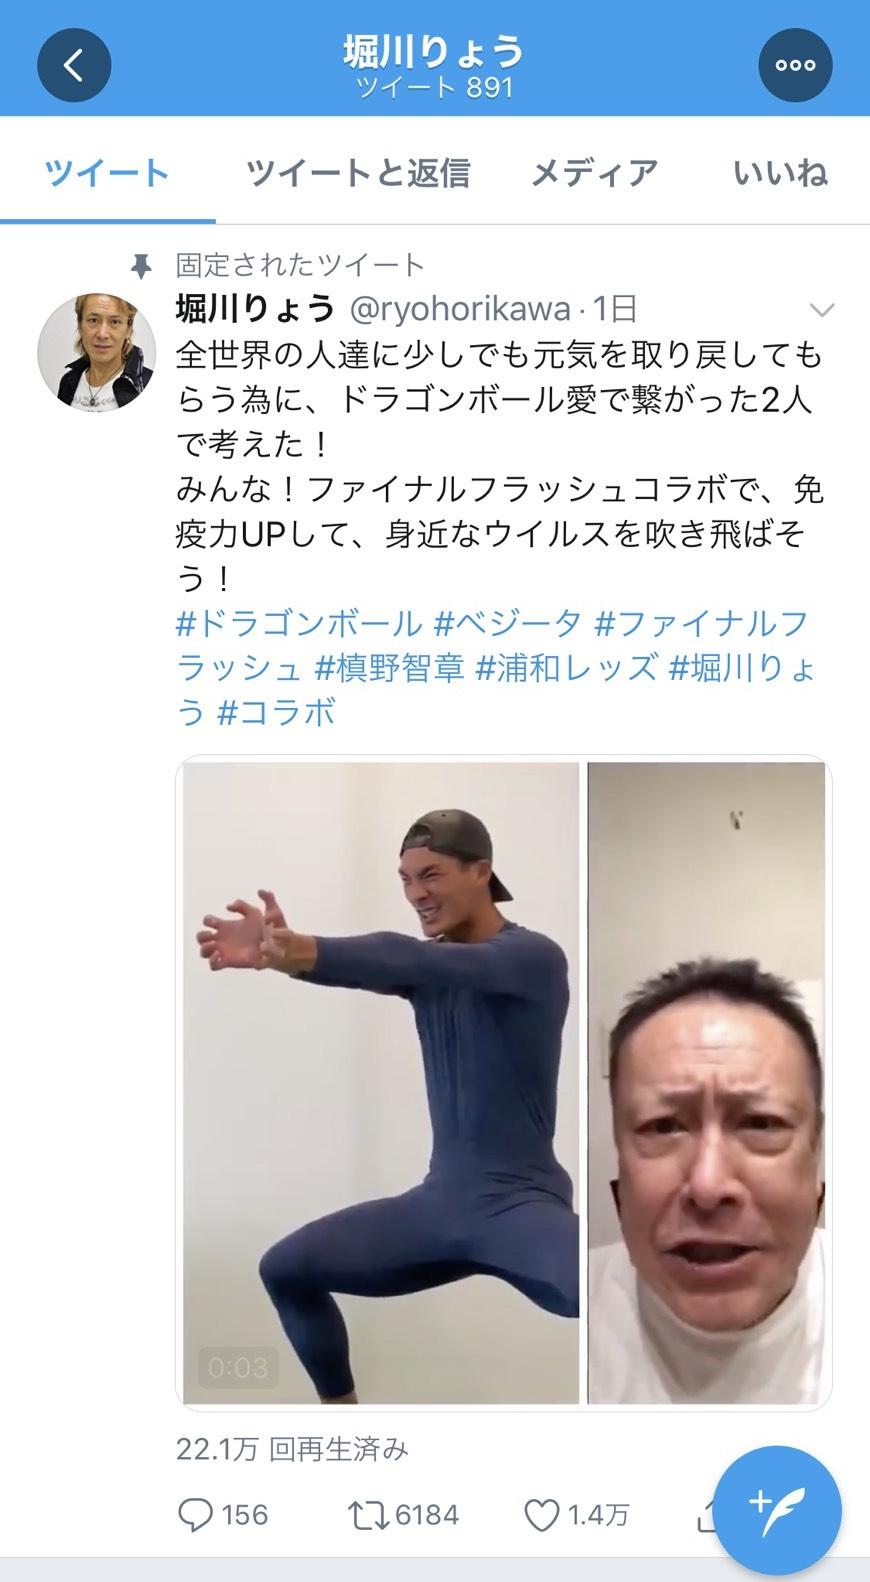 ベジータ声優・堀川りょう、必殺技コラボにファン歓喜サムネイル画像